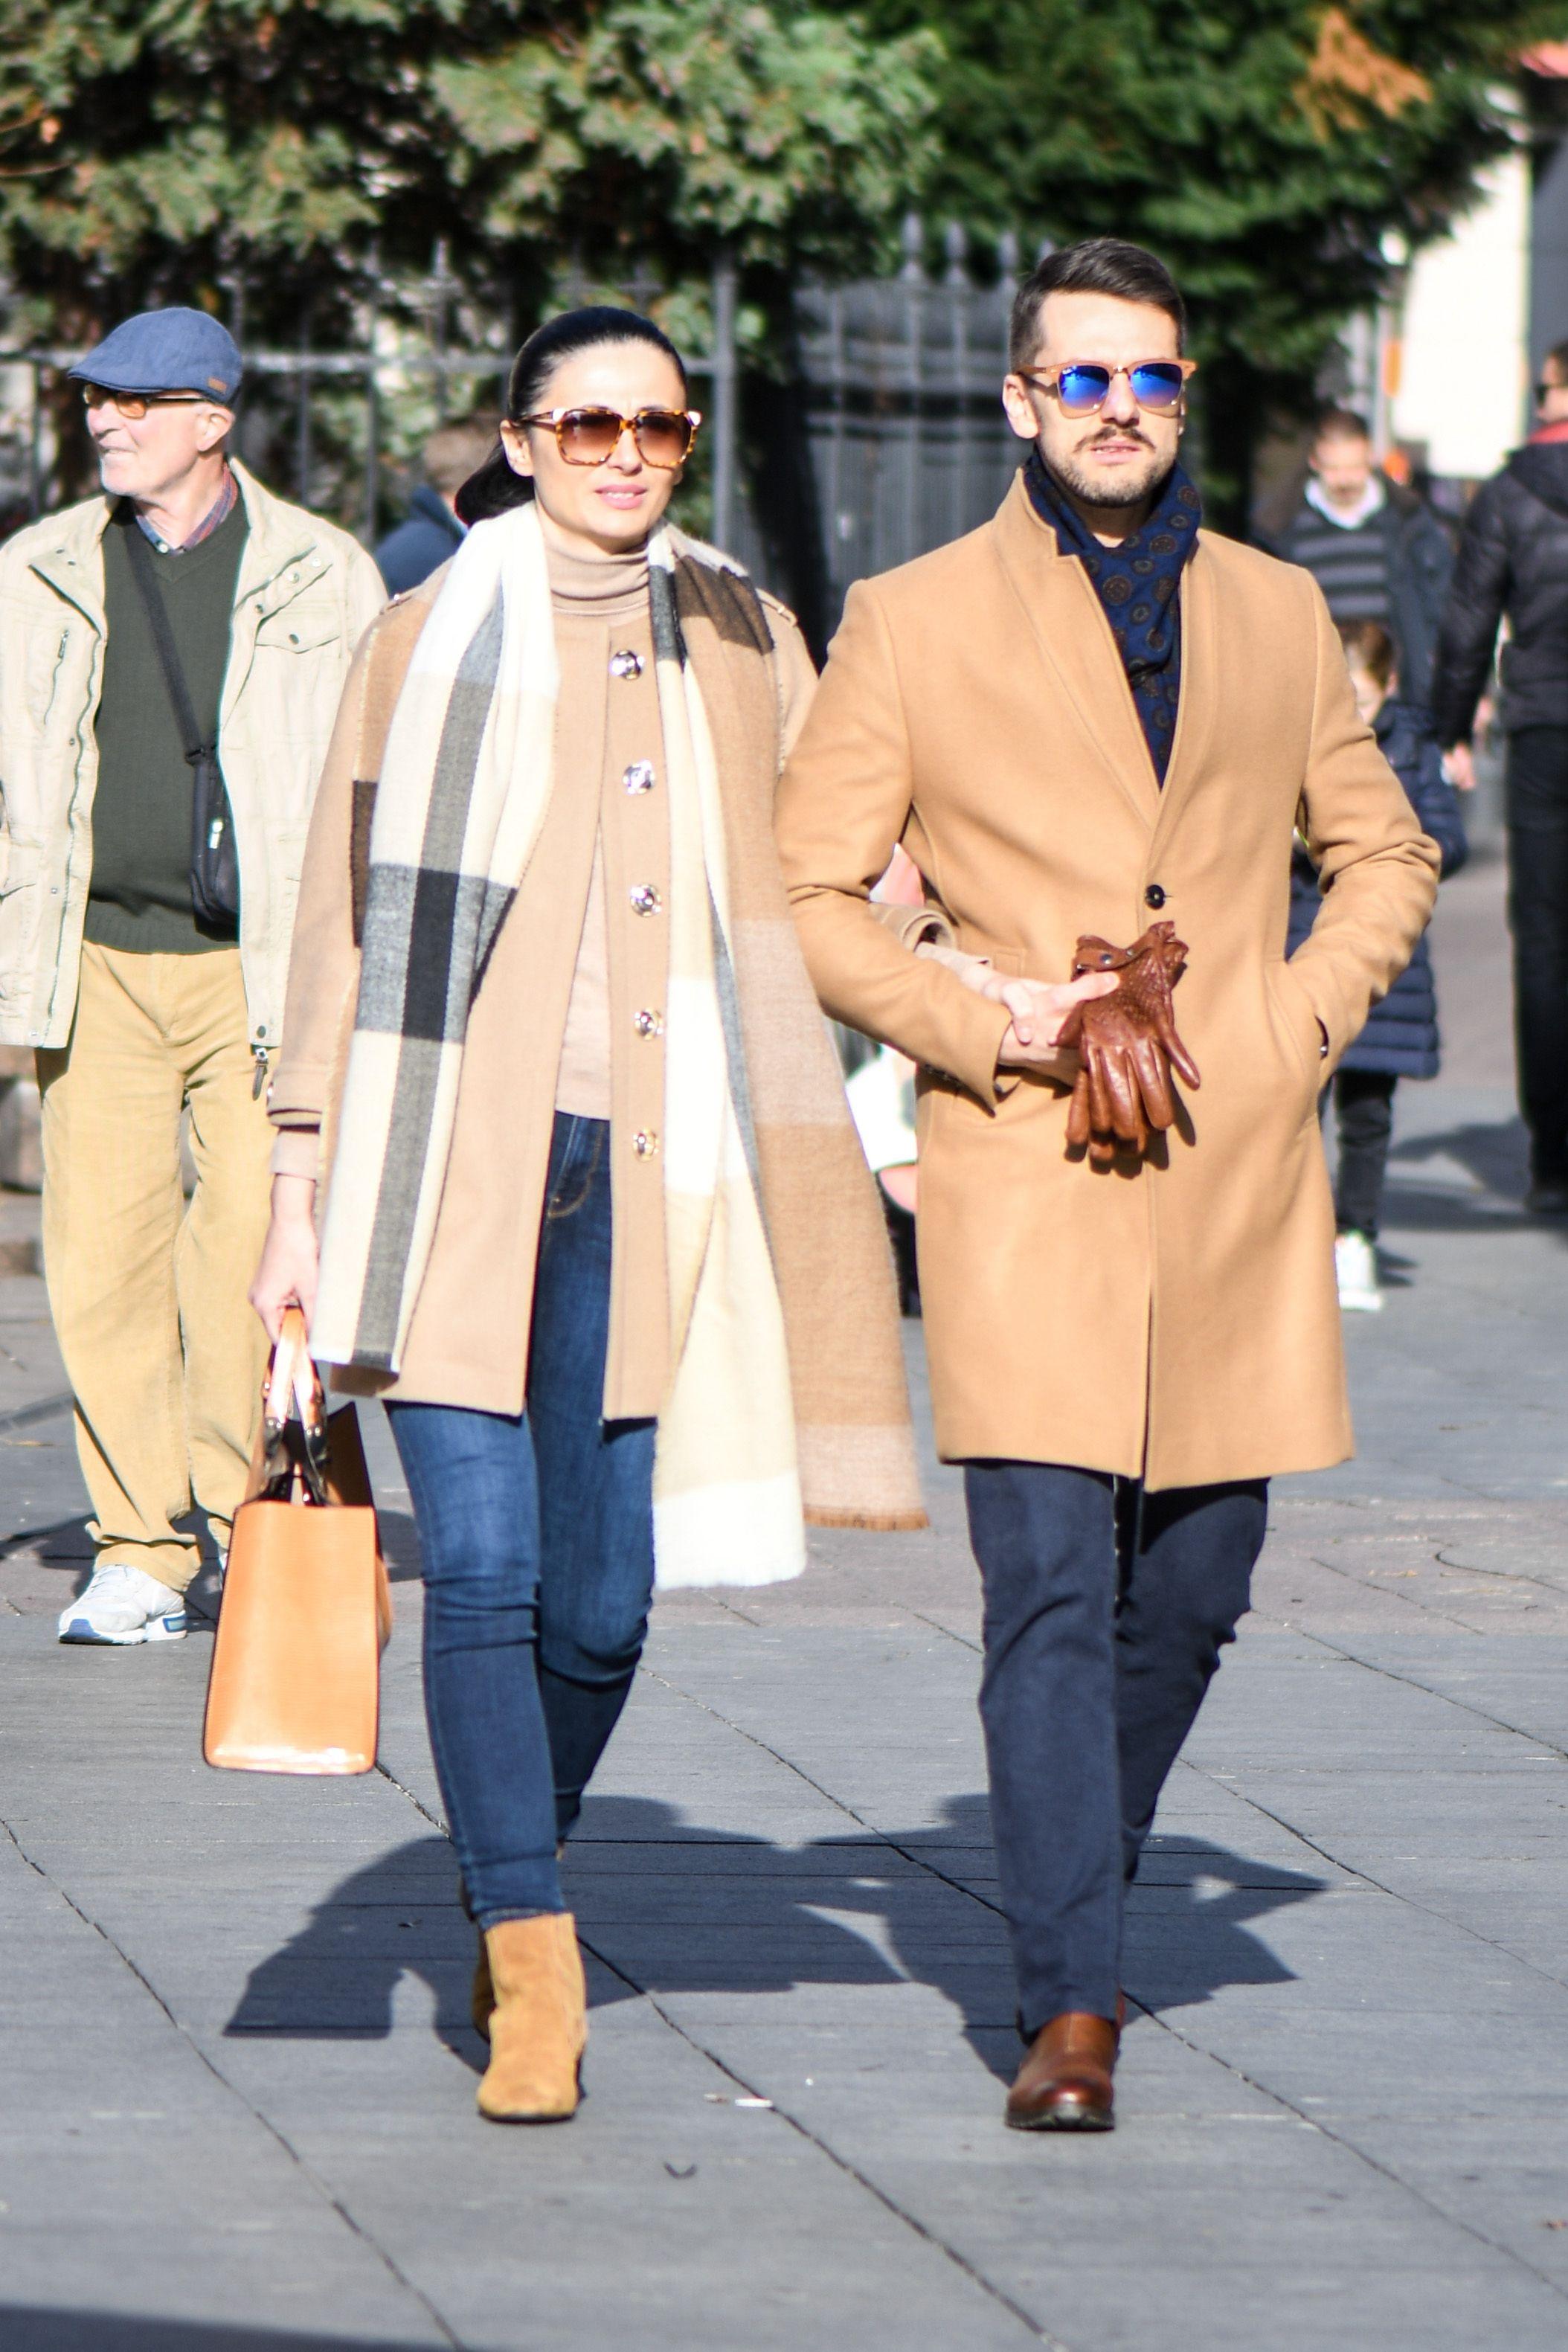 Zgodni par istaknuo se na špici svojim elegantnim i bojama usklađenim outfitima